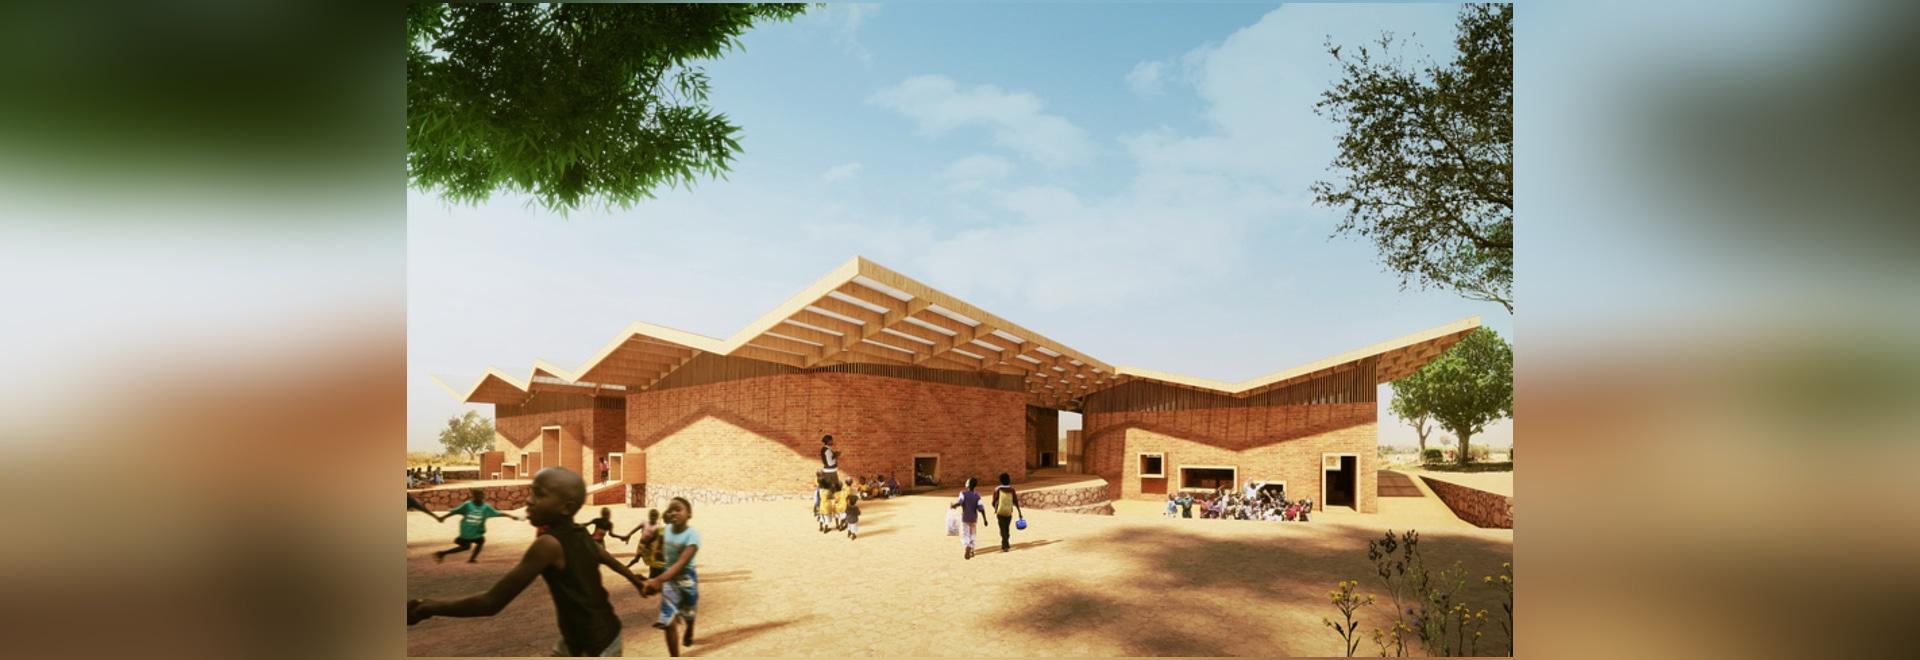 francis kéré plans educational campus for the mama sarah obama foundation